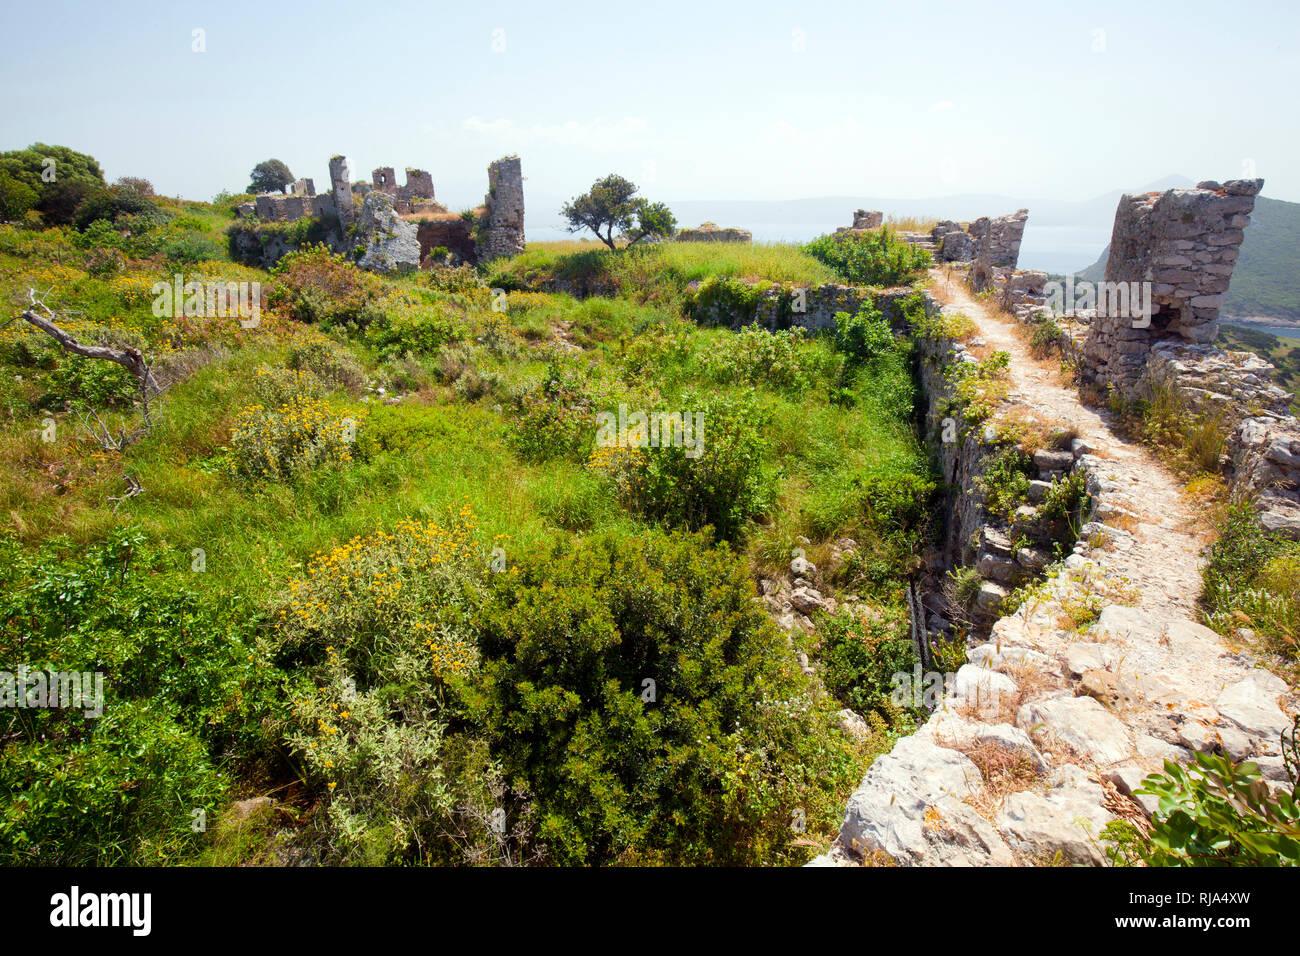 Macchia neben der Ringmauerkrone der Ruine Paleo Kástro in Griechenland - Stock Image